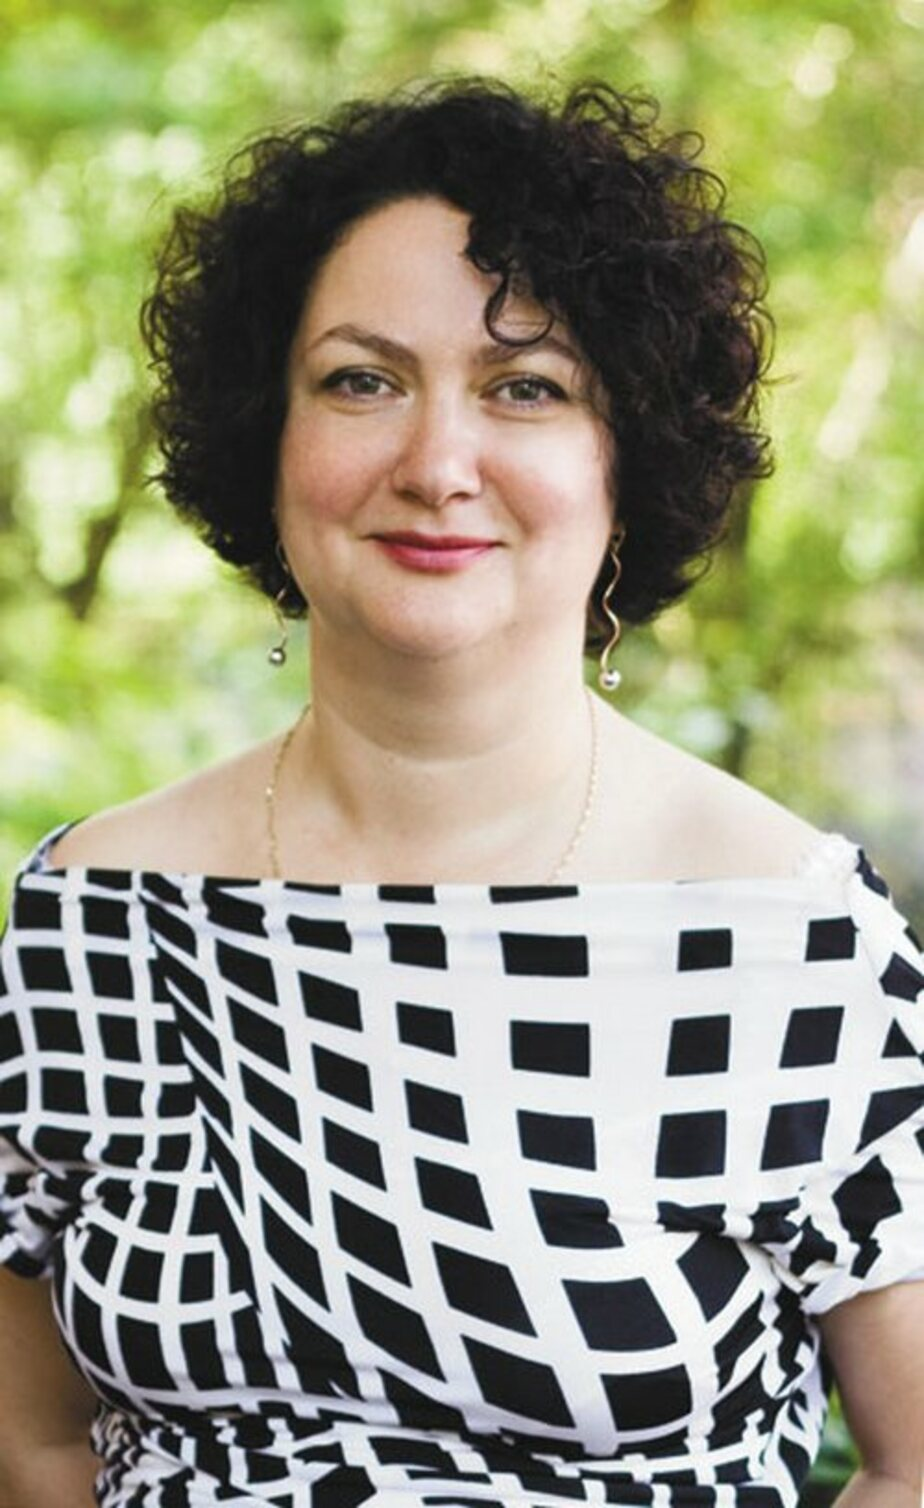 Татьяна Ильменёва, председатель правления КПК «Свой дом»: Заем под низкий процент без справок